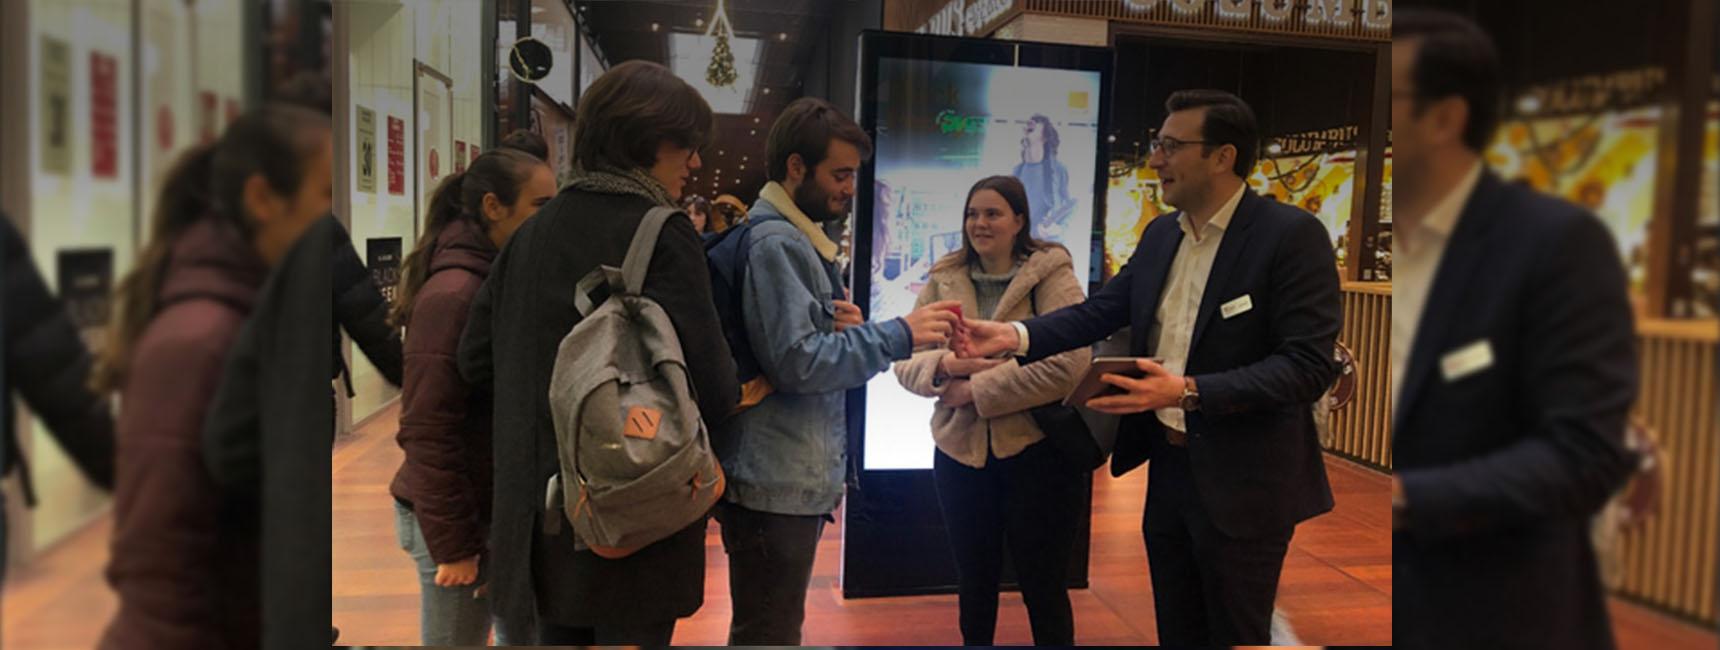 Westfield Euralille Animation Point de Vente - keemia Lille agence marketing locale en région Nord et Hauts de France